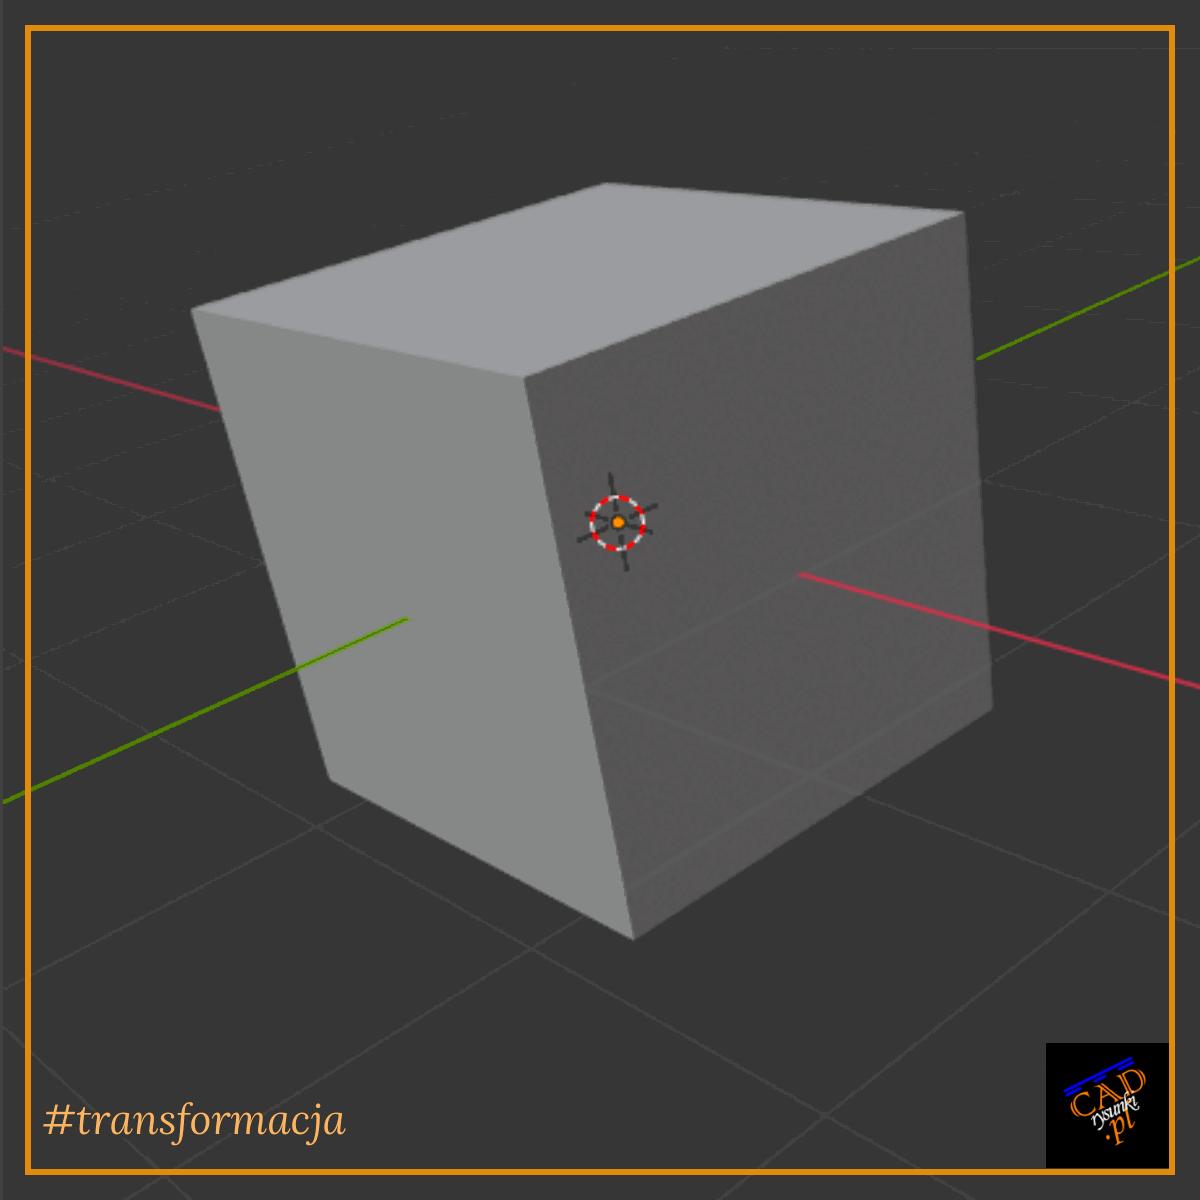 Metoda przesuwania obiektów geometrycznych z użyciem klawisza SHIFT oraz CTRL